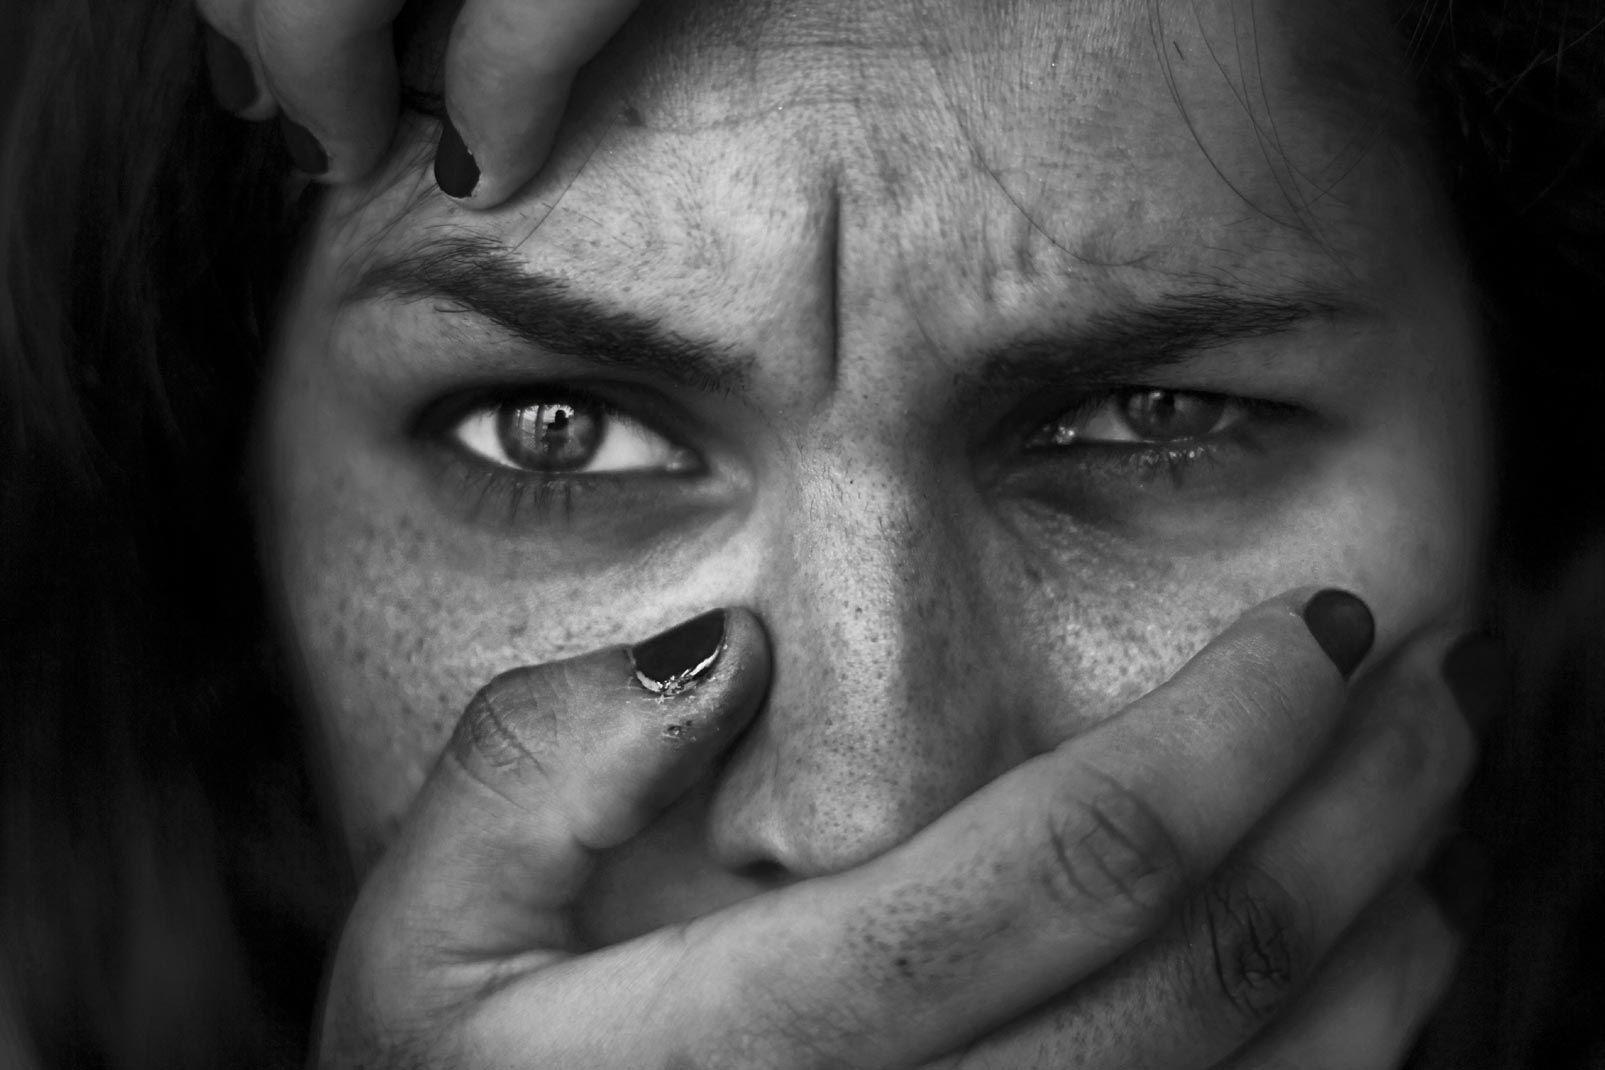 Что вызывает эмоциональную боль при биполярном расстройстве?